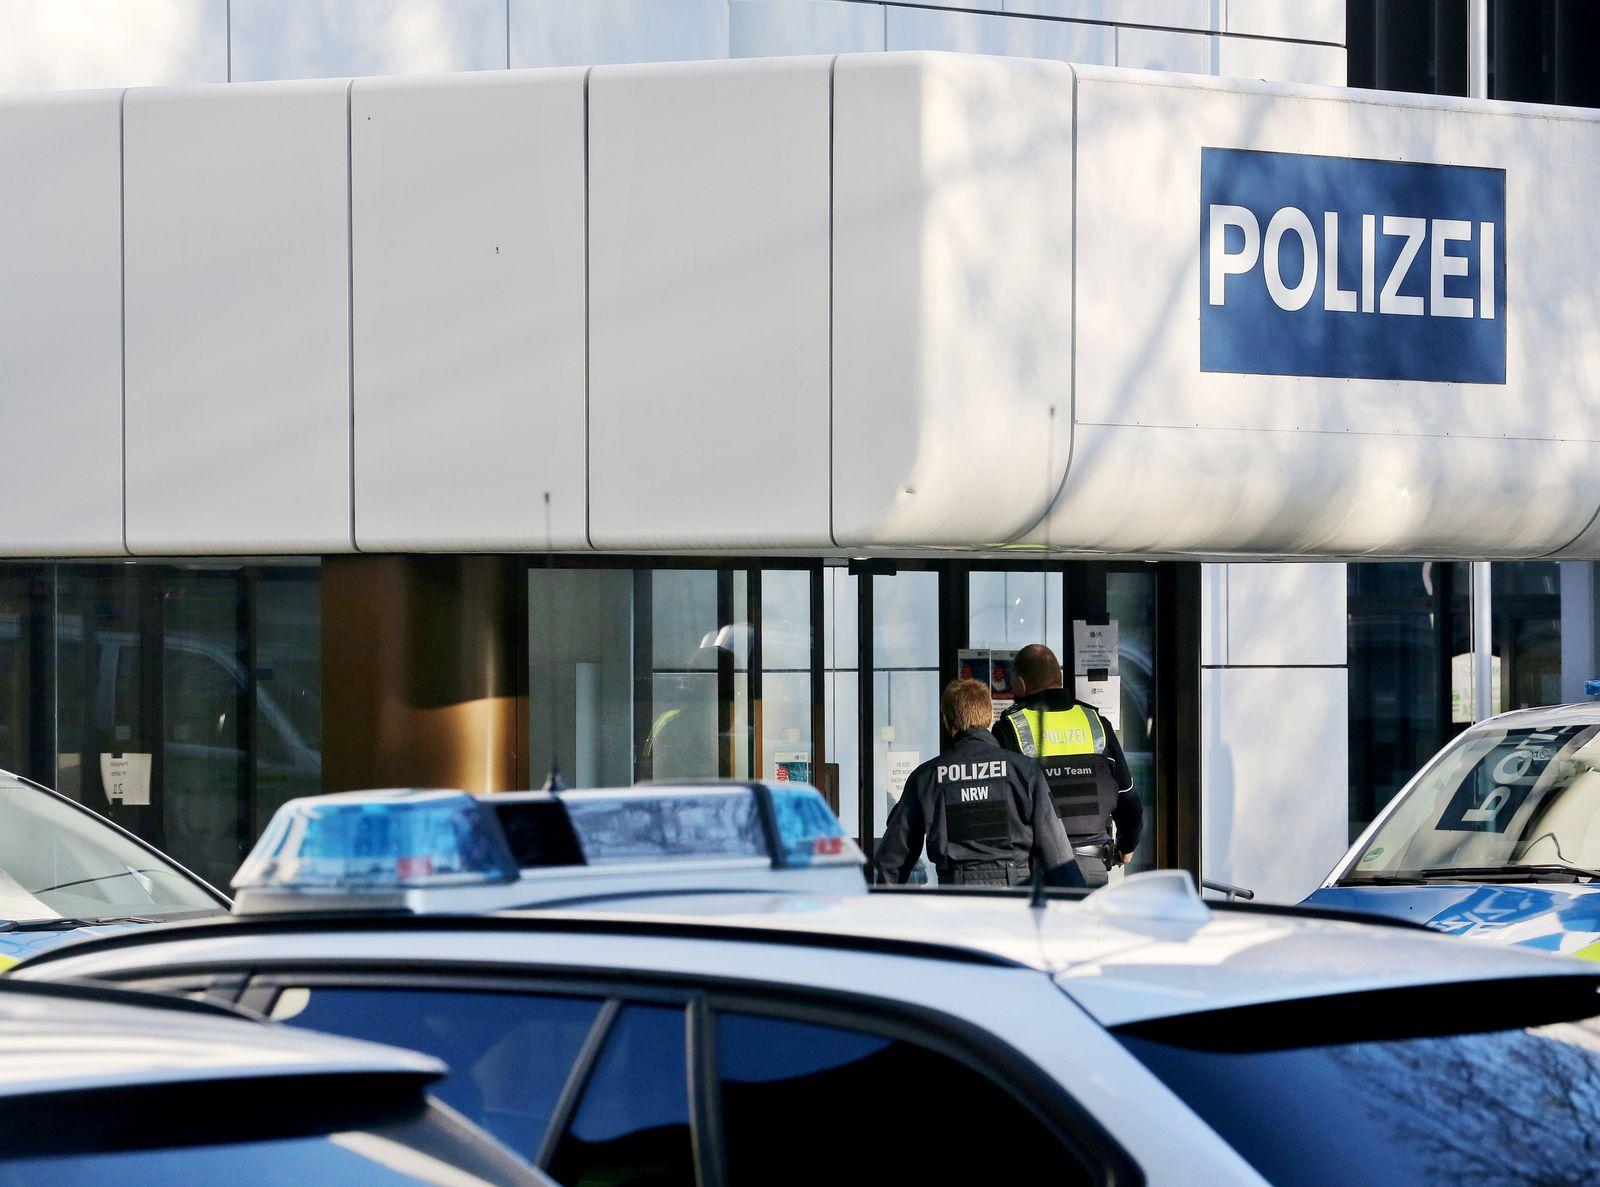 Erneut Razzien nach rechtsextremen Chats bei Polizei in NRW